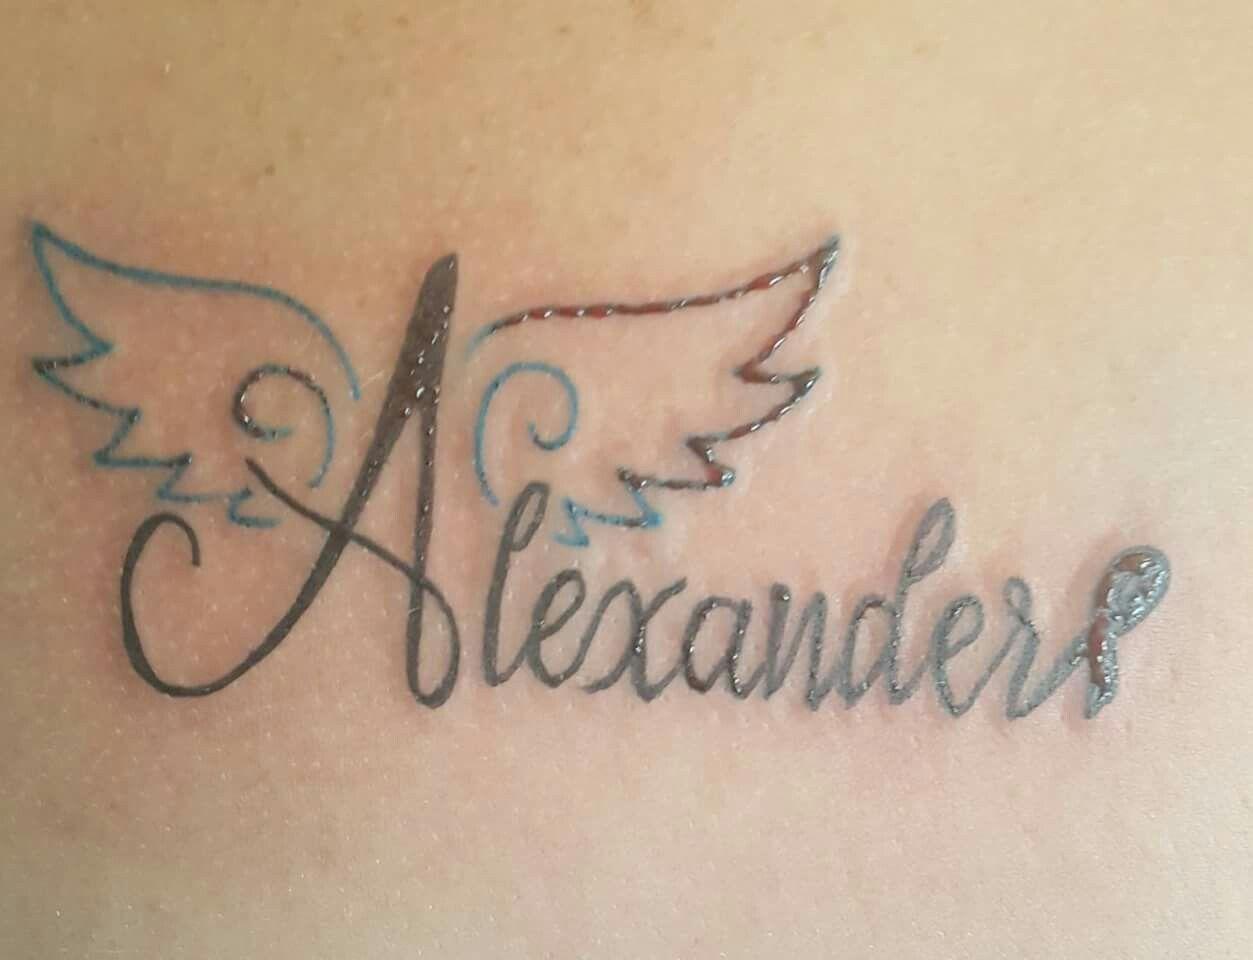 Name tattoo ideas love this change name  tattoo  pinterest  tattoo